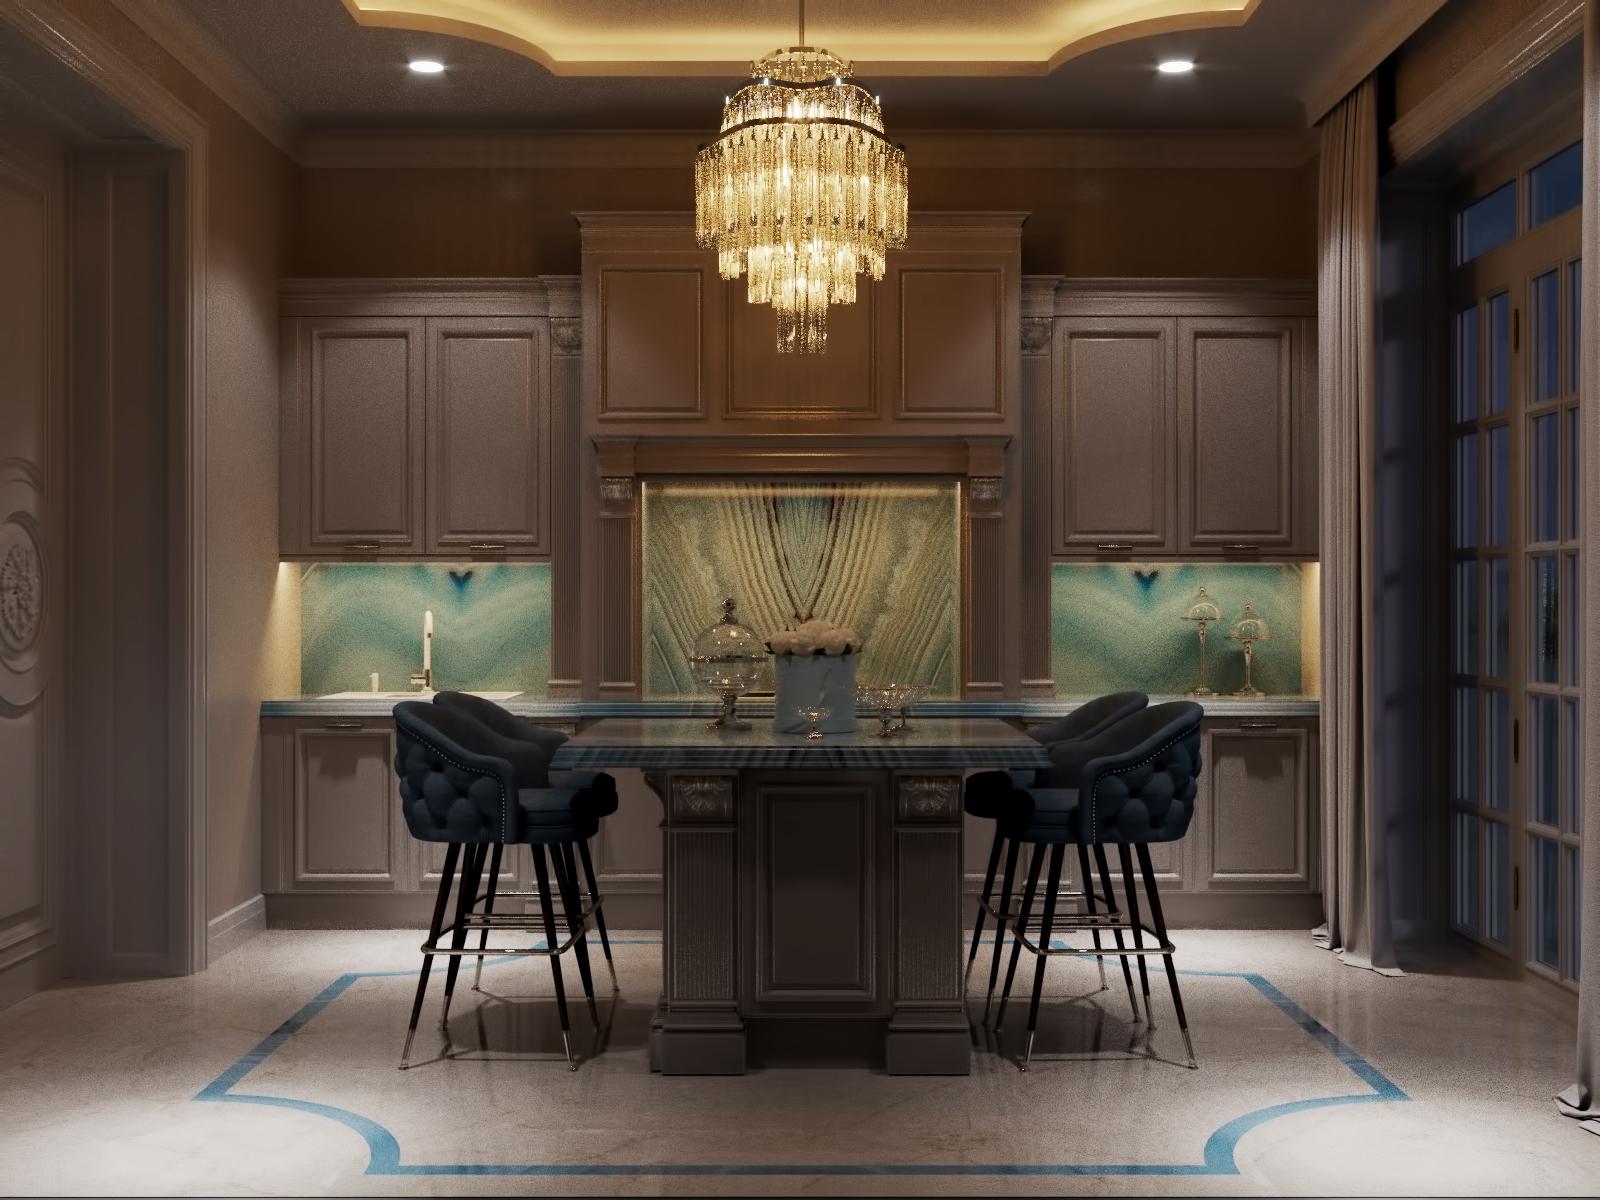 Кухонный гарнитур, вечерний вид